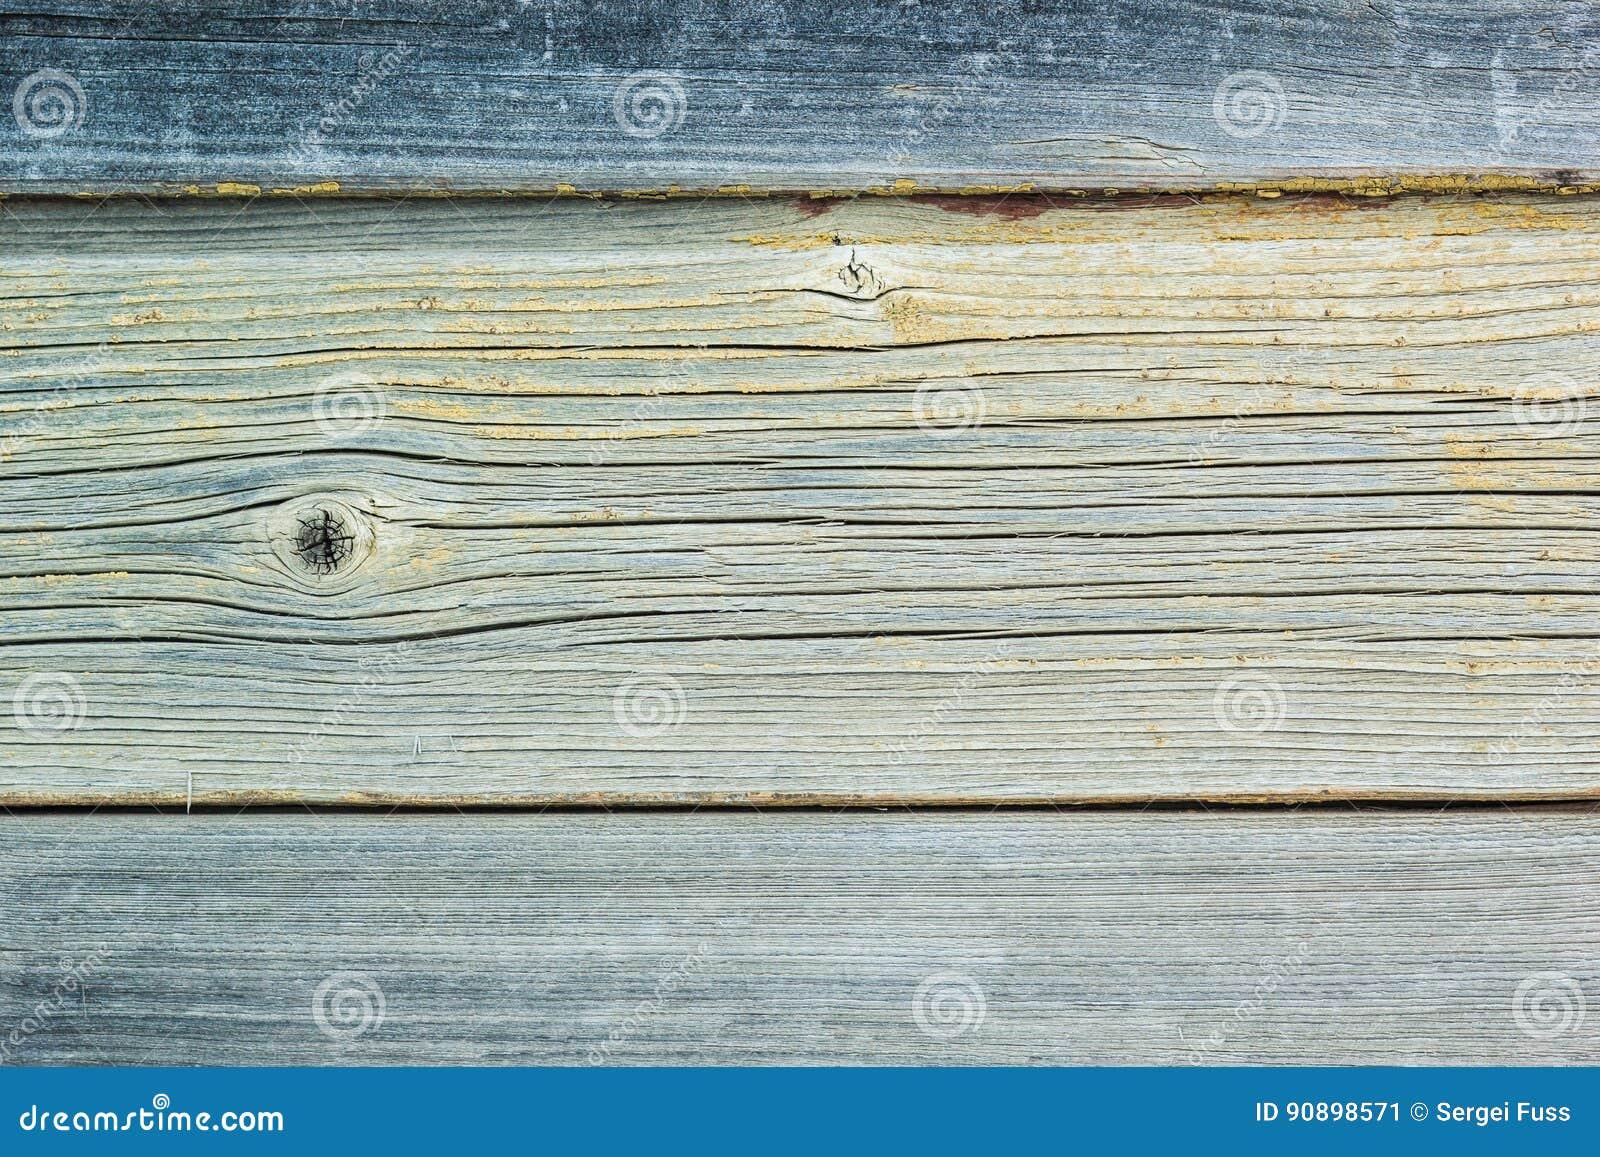 Αγροτικός εκλεκτής ποιότητας ξύλινος πίνακας τοίχου με το εξασθενισμένο χρώμα